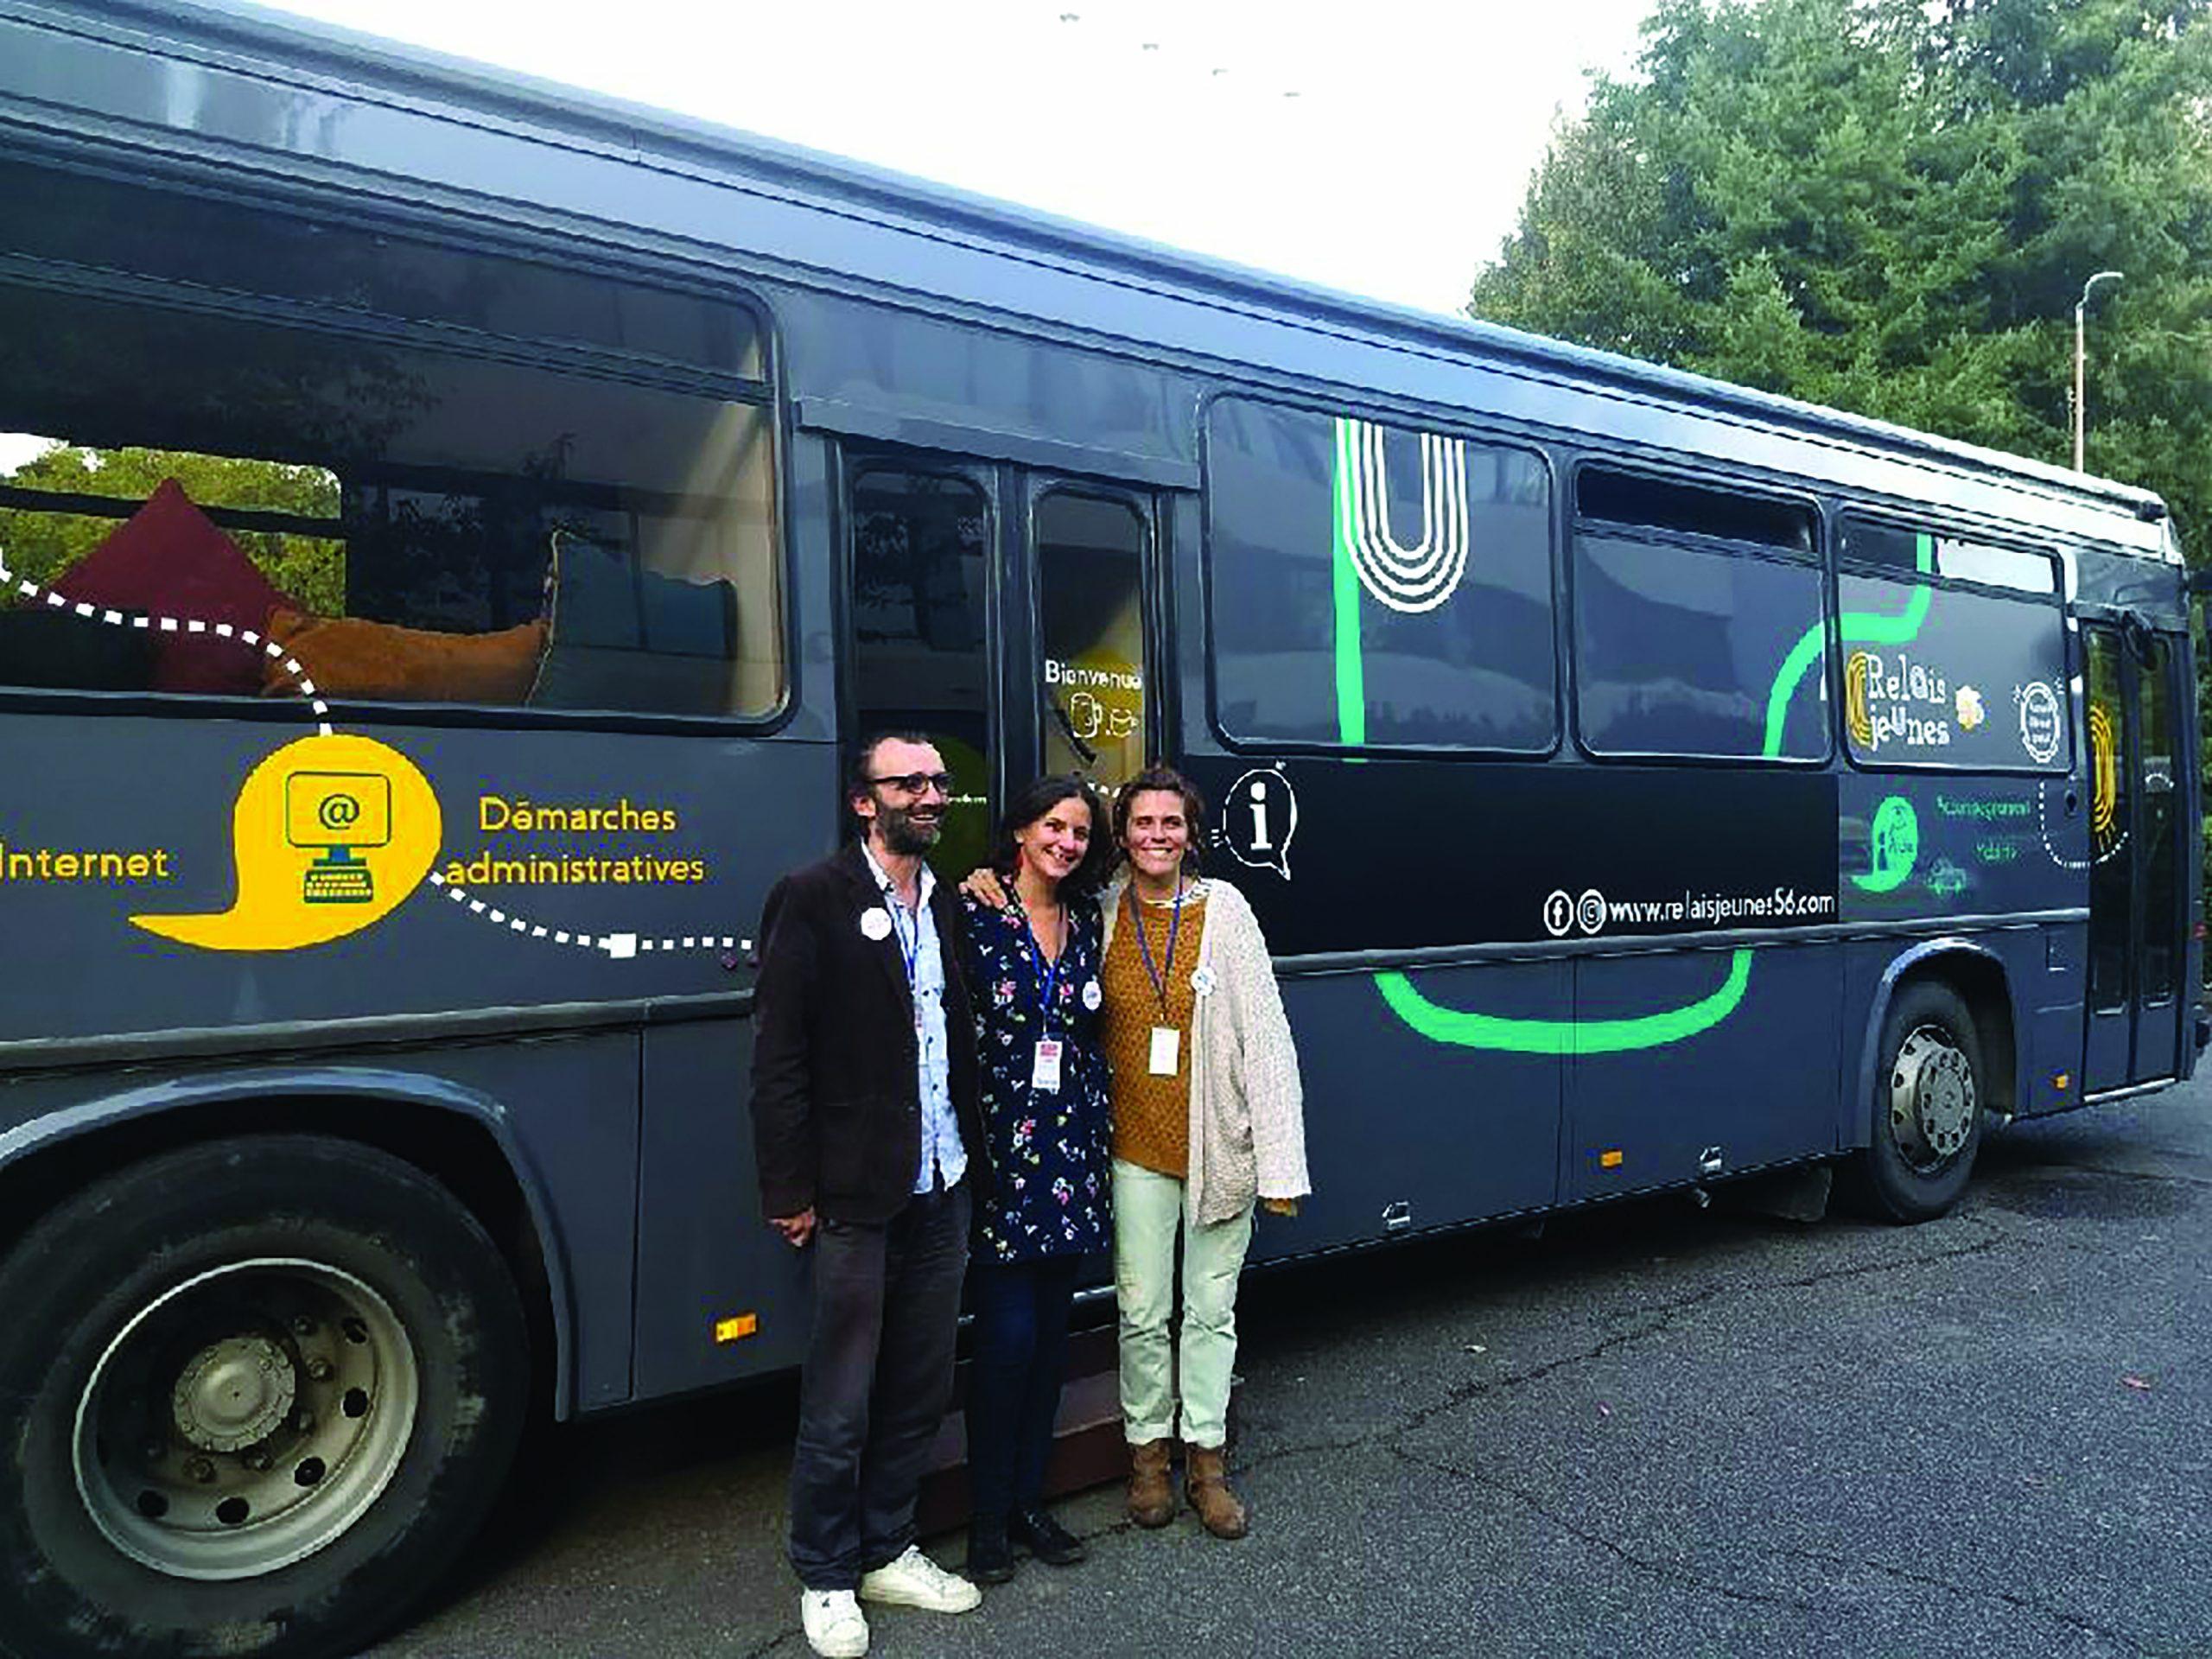 Le Bus Prévention - Questembert Communauté destiné Piscine De Questembert